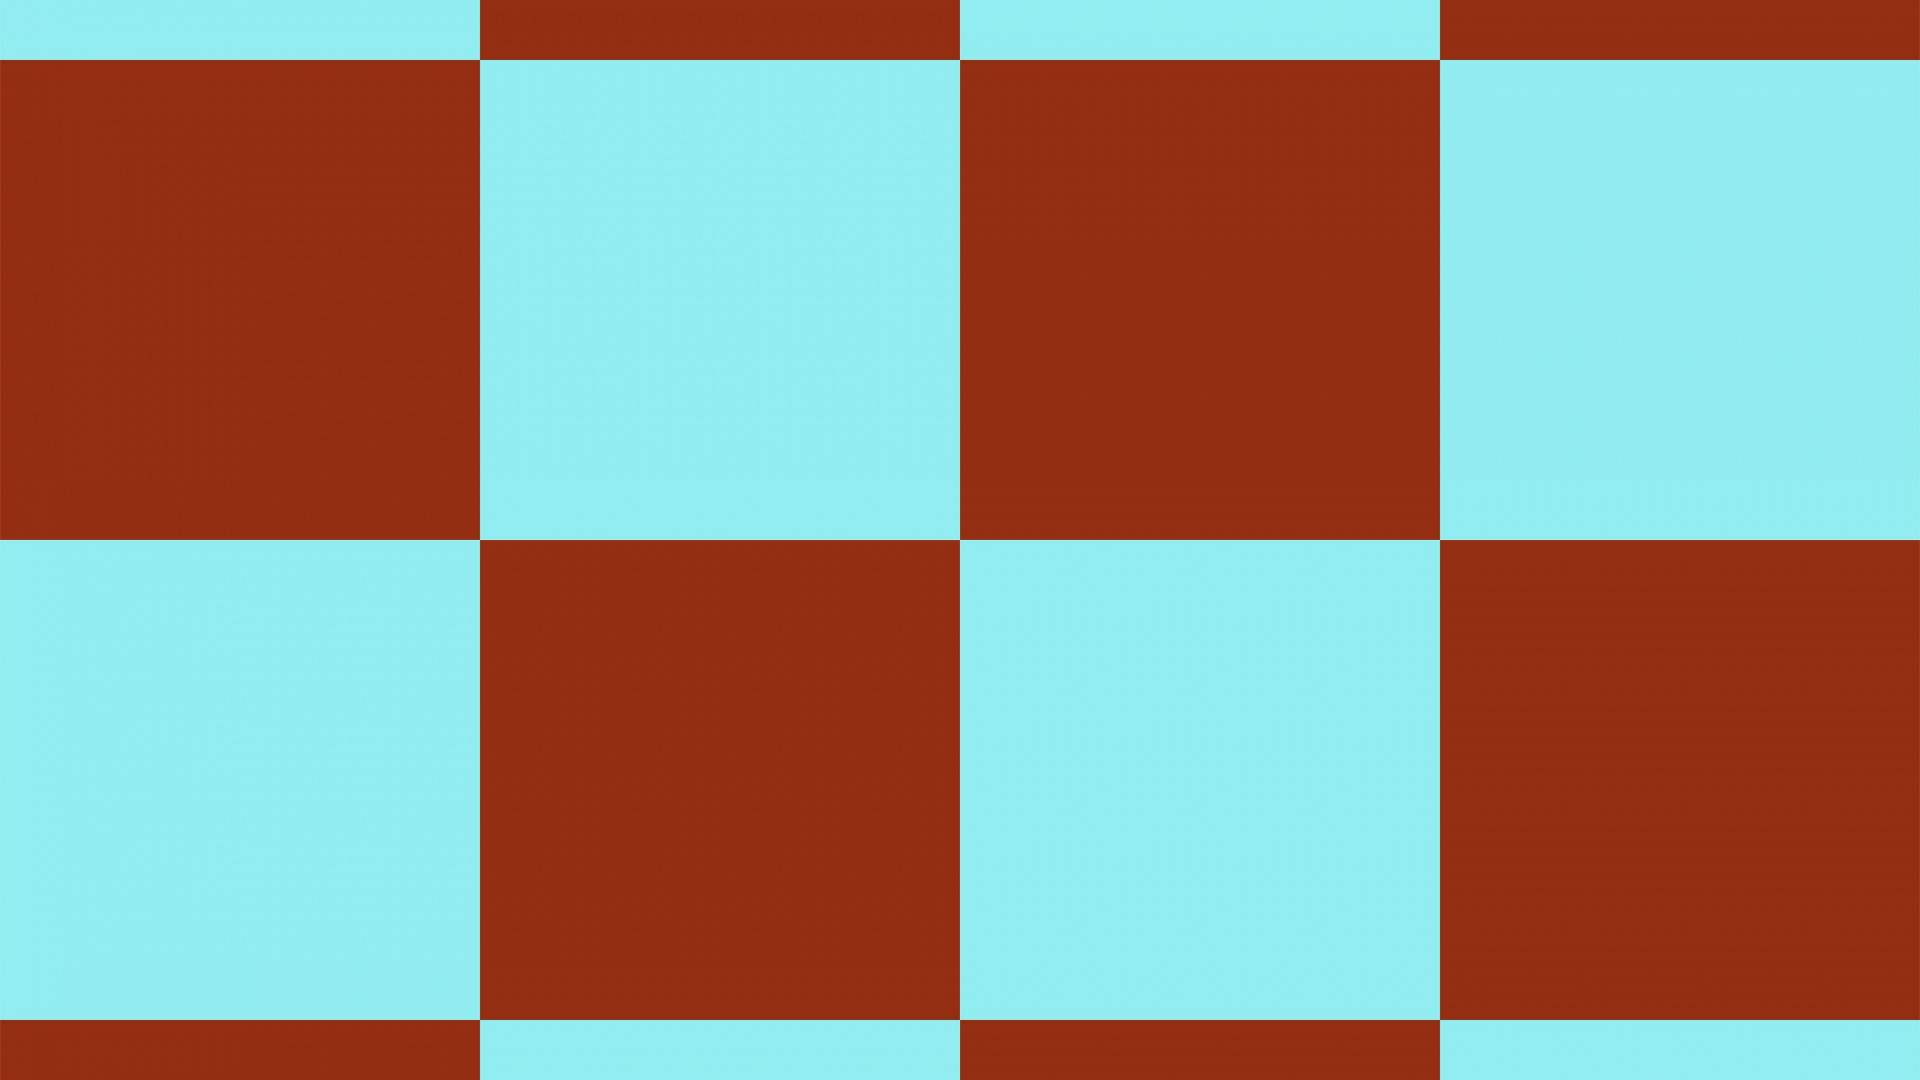 текстура, квадраты, голубой